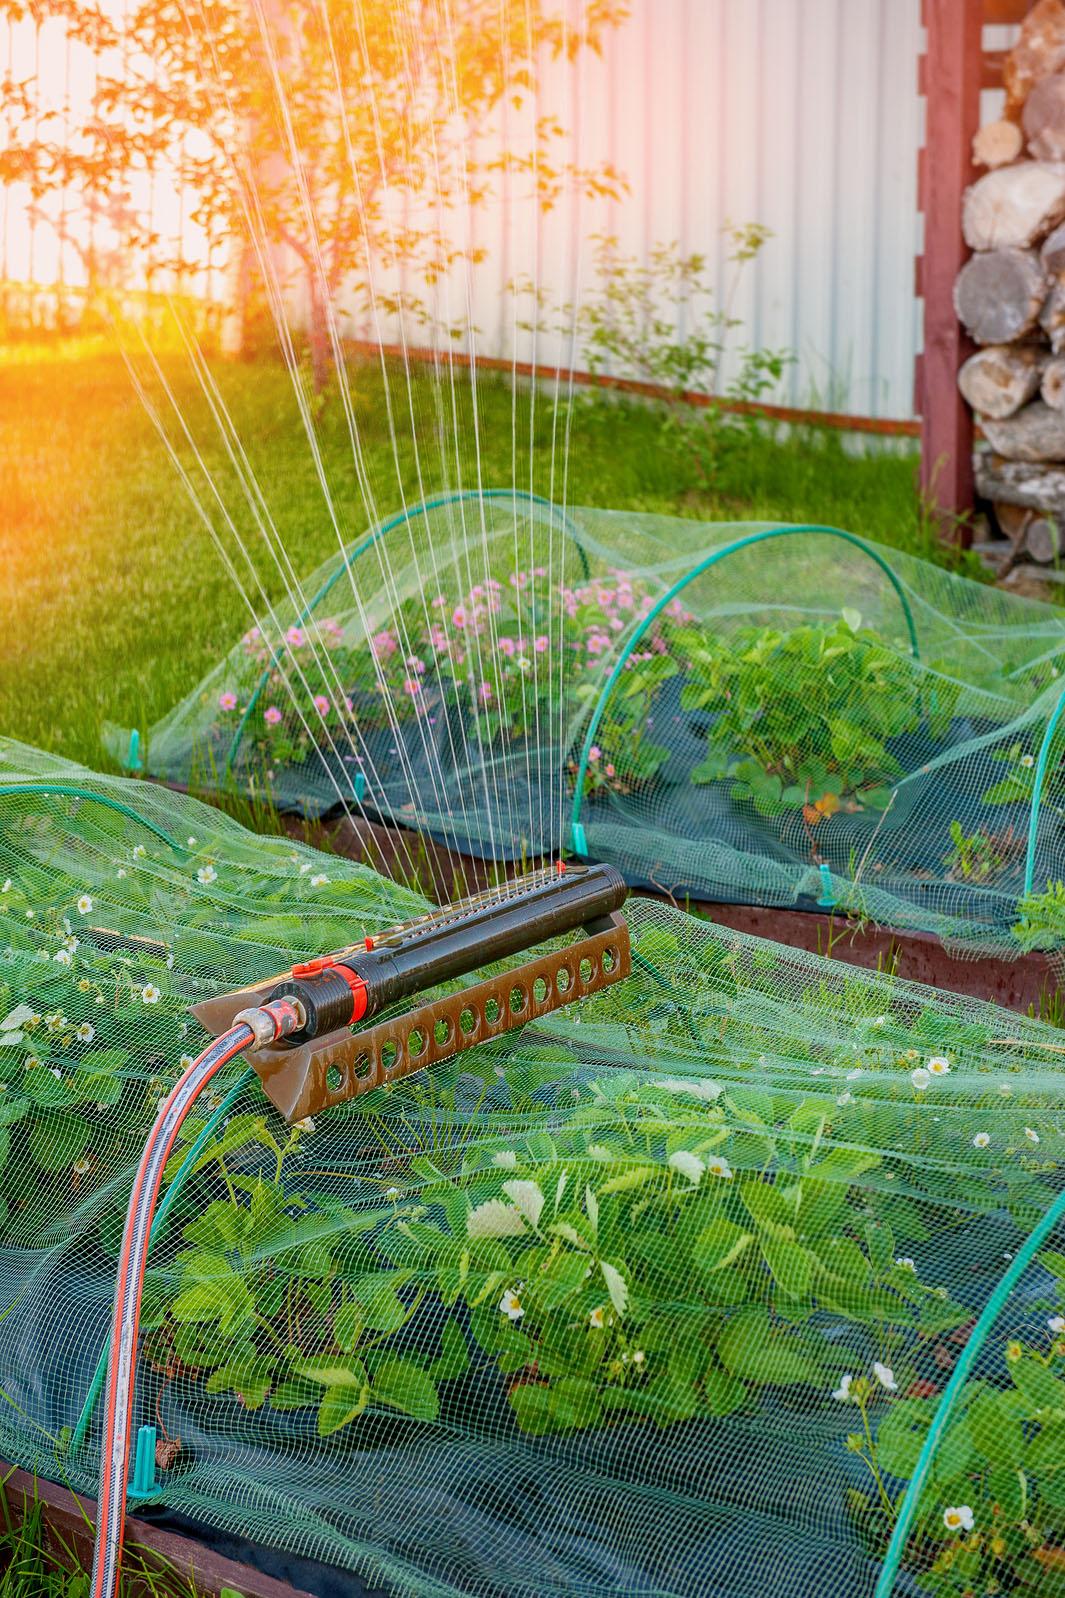 About Williston Irrigation - Minneapolis, MN